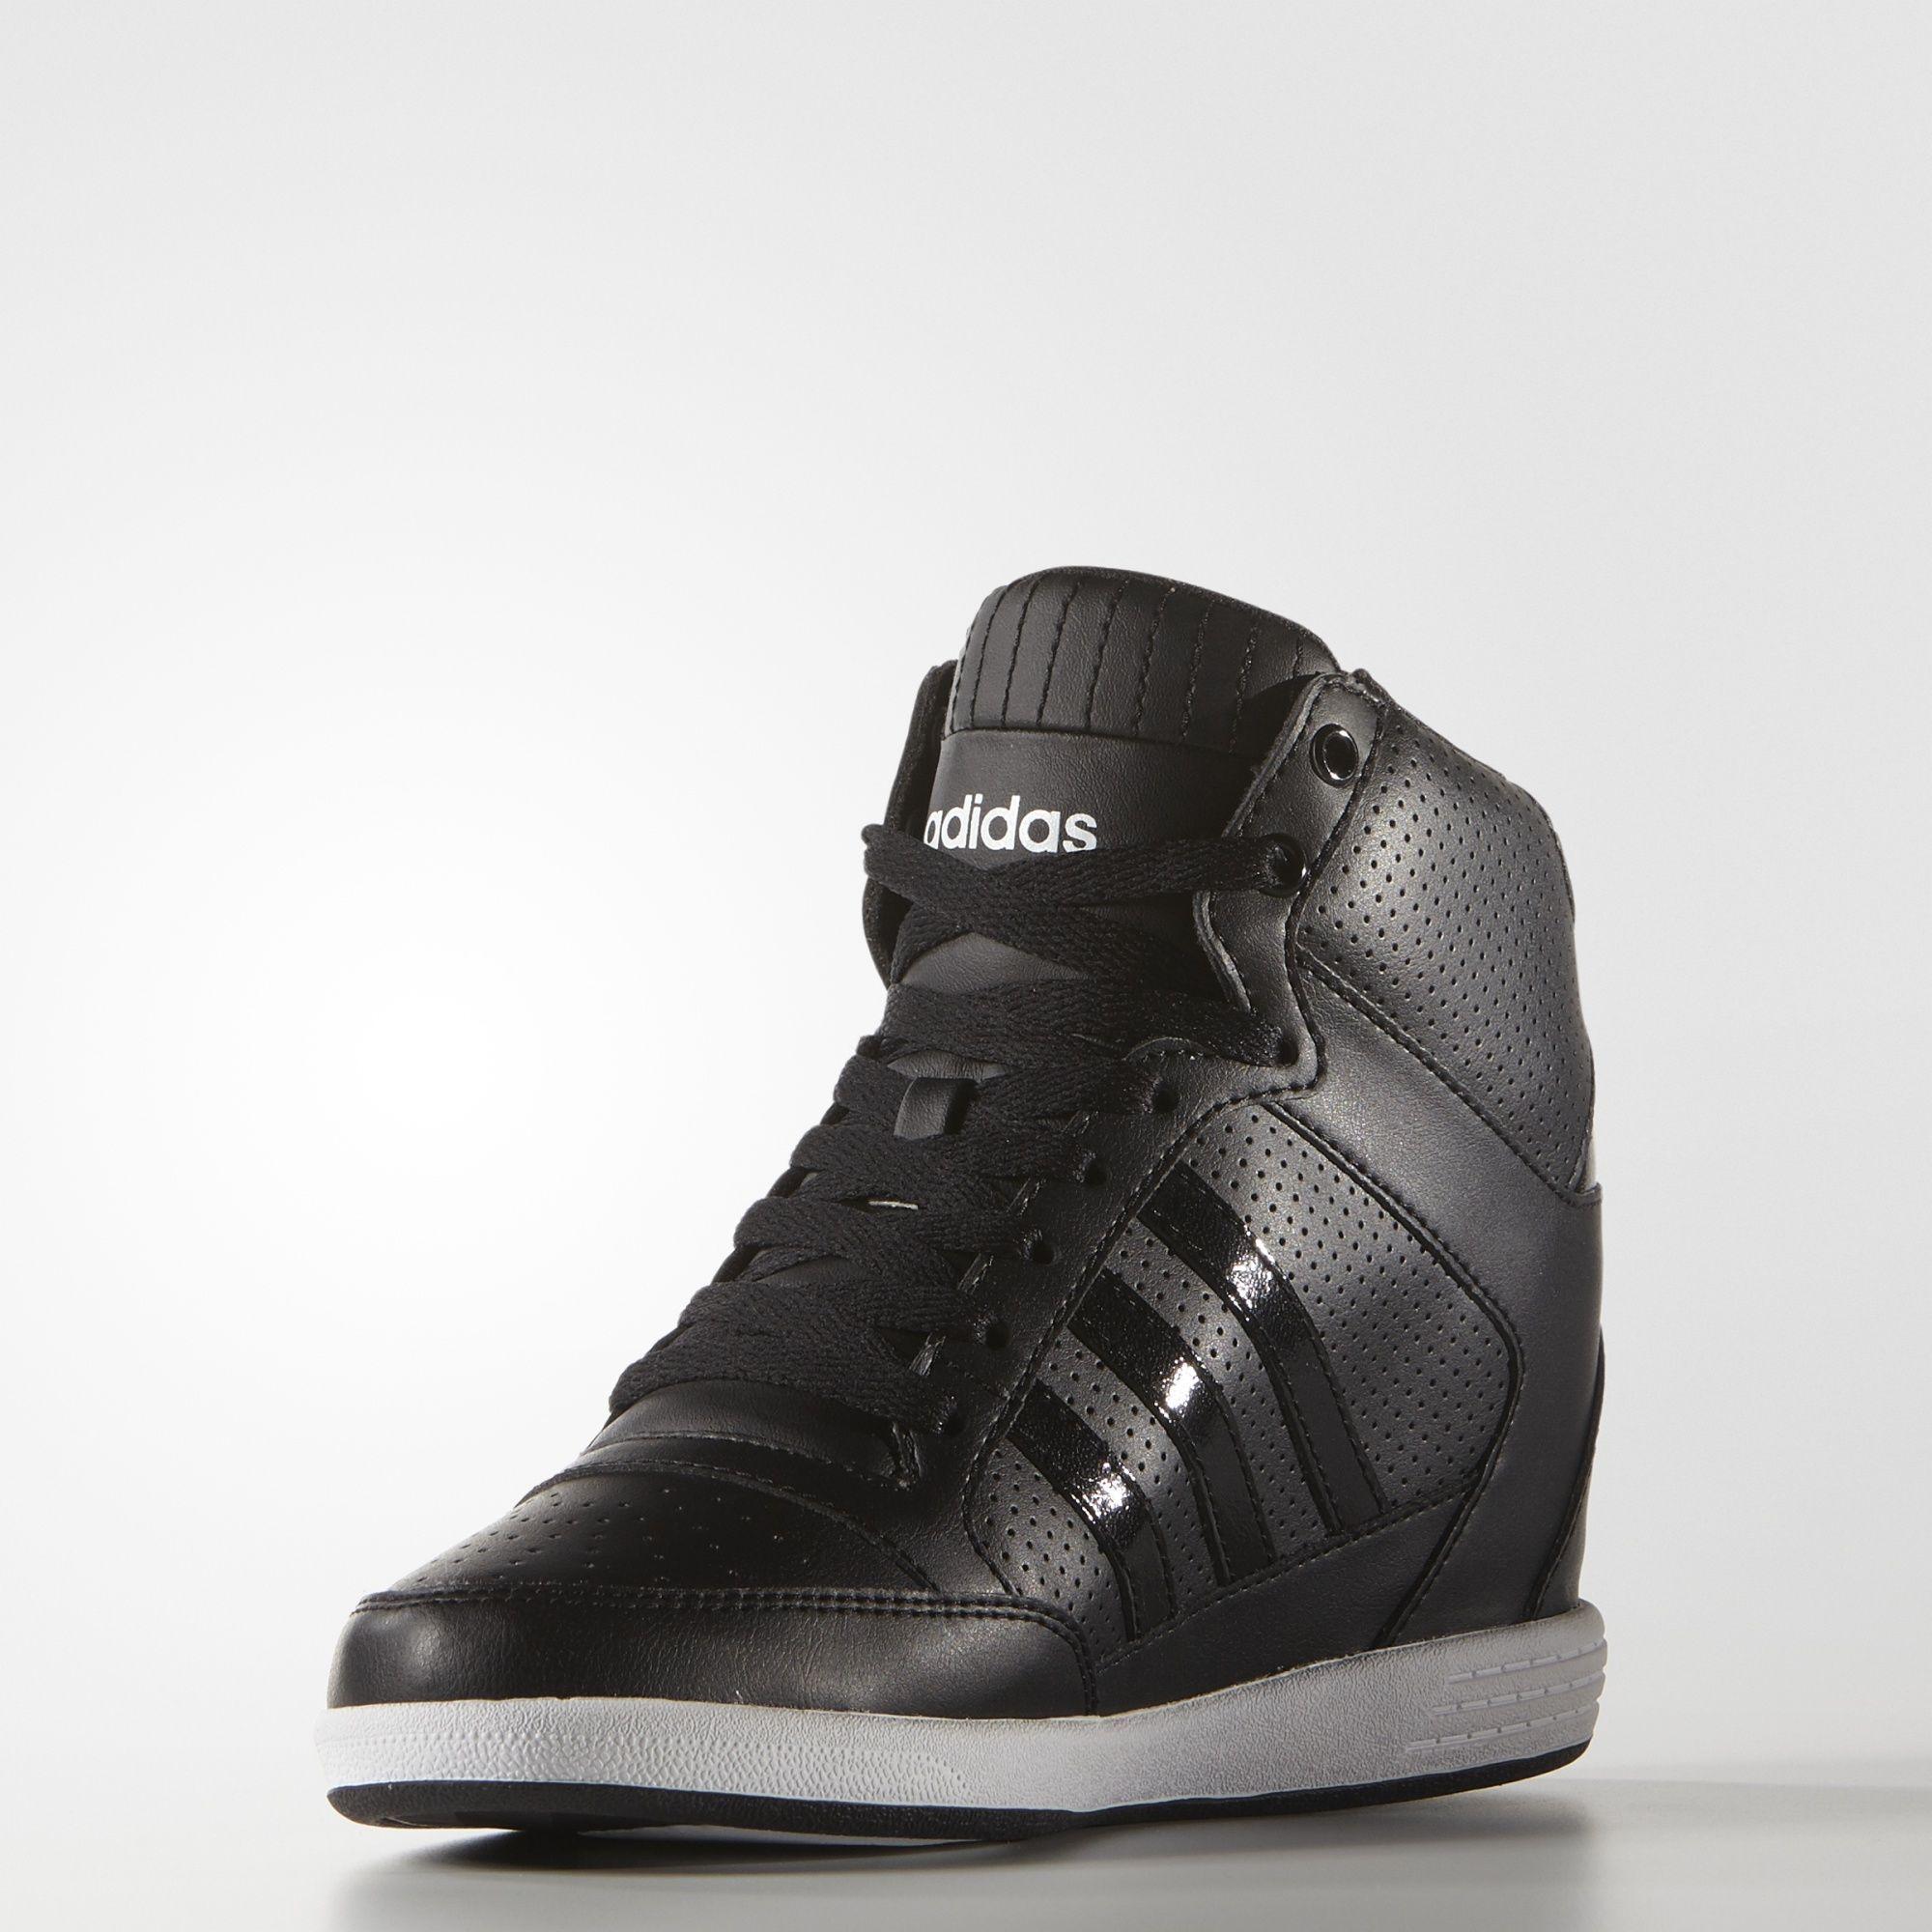 Zapatillas adidas con cuna interior mujer adidas zapatilla nmd r2 core black core black wonder - Sneakers cuna interior ...